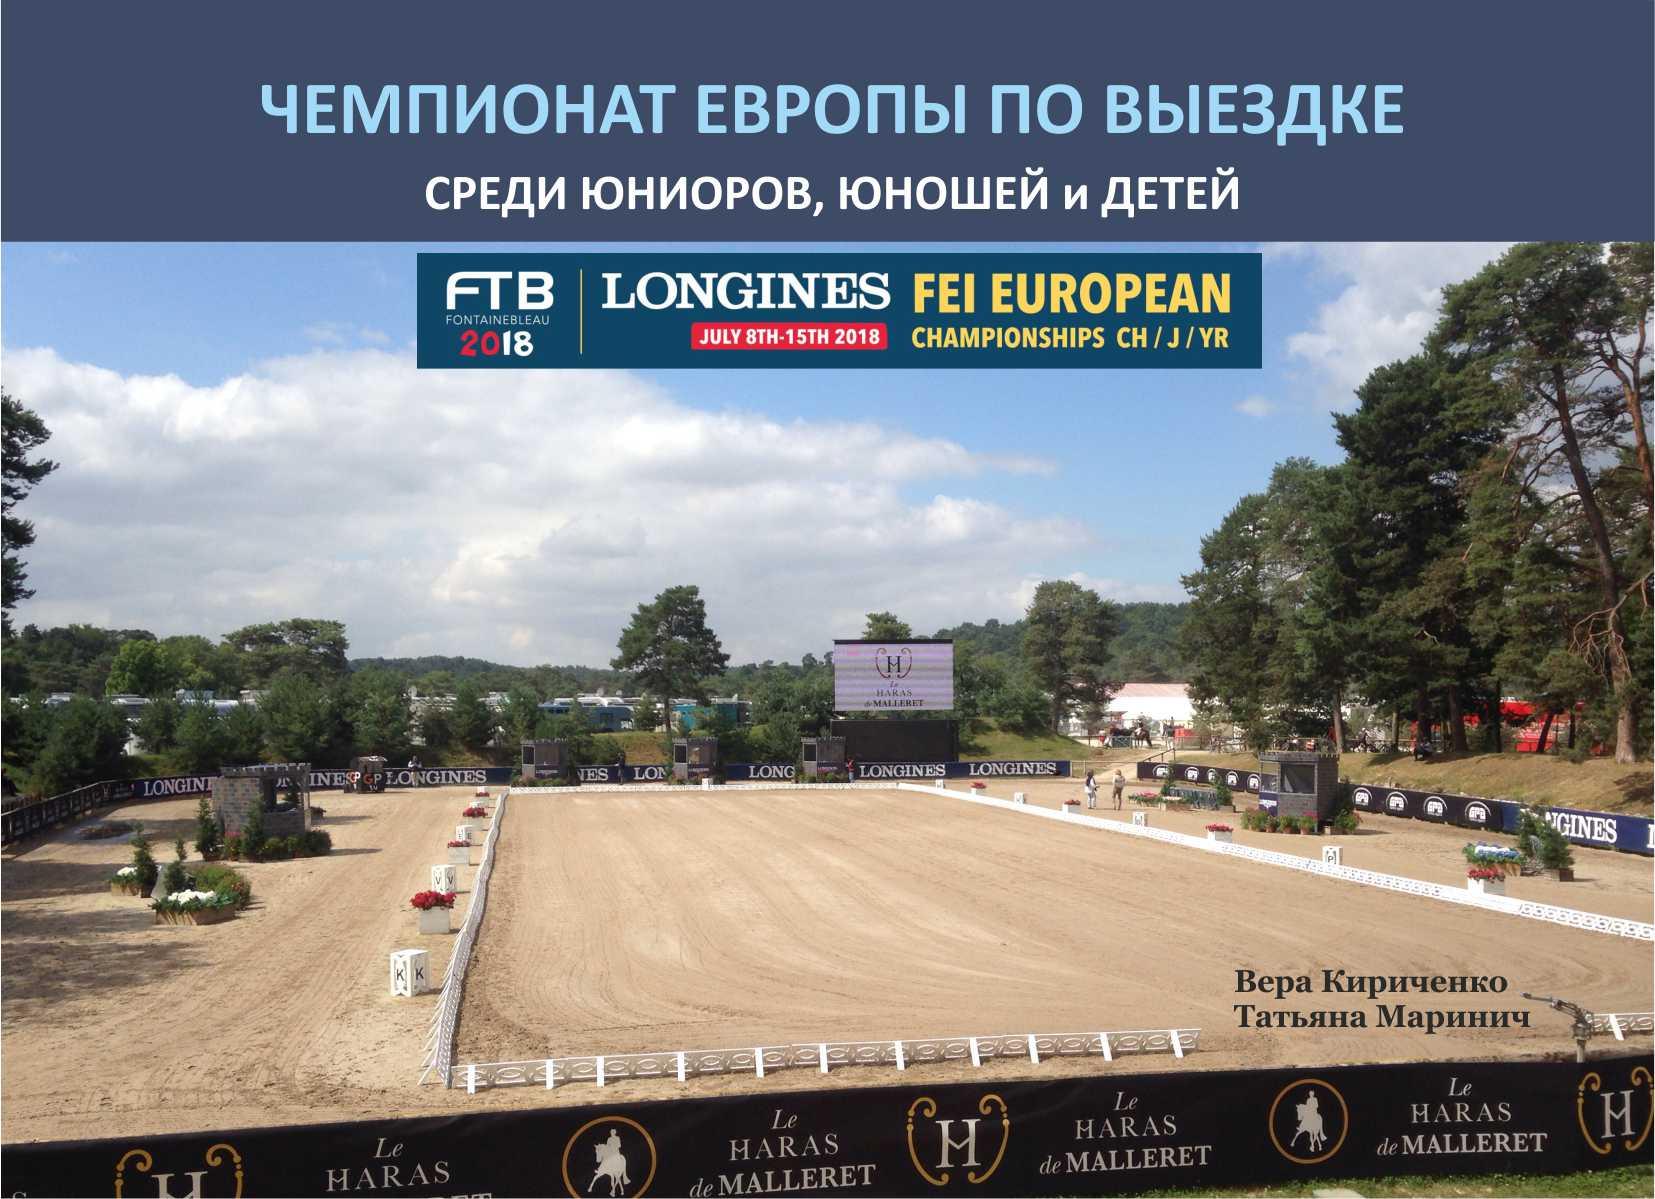 Чемпионат Европы по выездке среди юниоров, юношей и детей 2018_ (выпуск журнала №41)